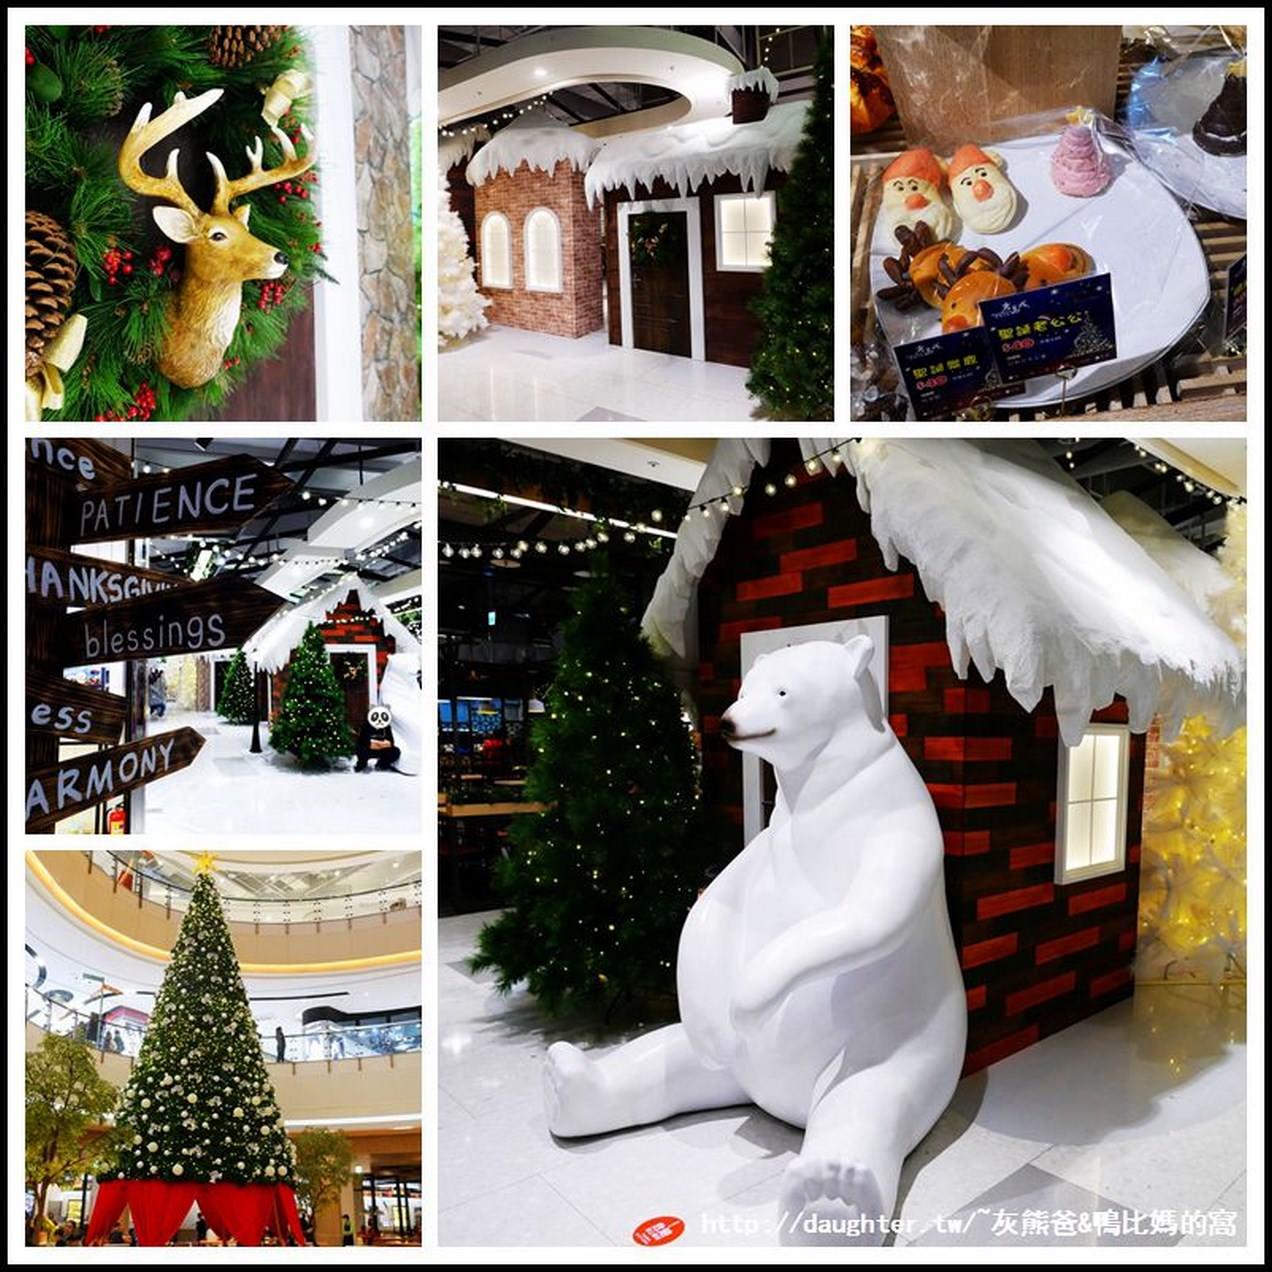 大江國際購物中心Metro Walk【歐風雪景小屋&12公尺高聖誕樹】快來找北極熊~